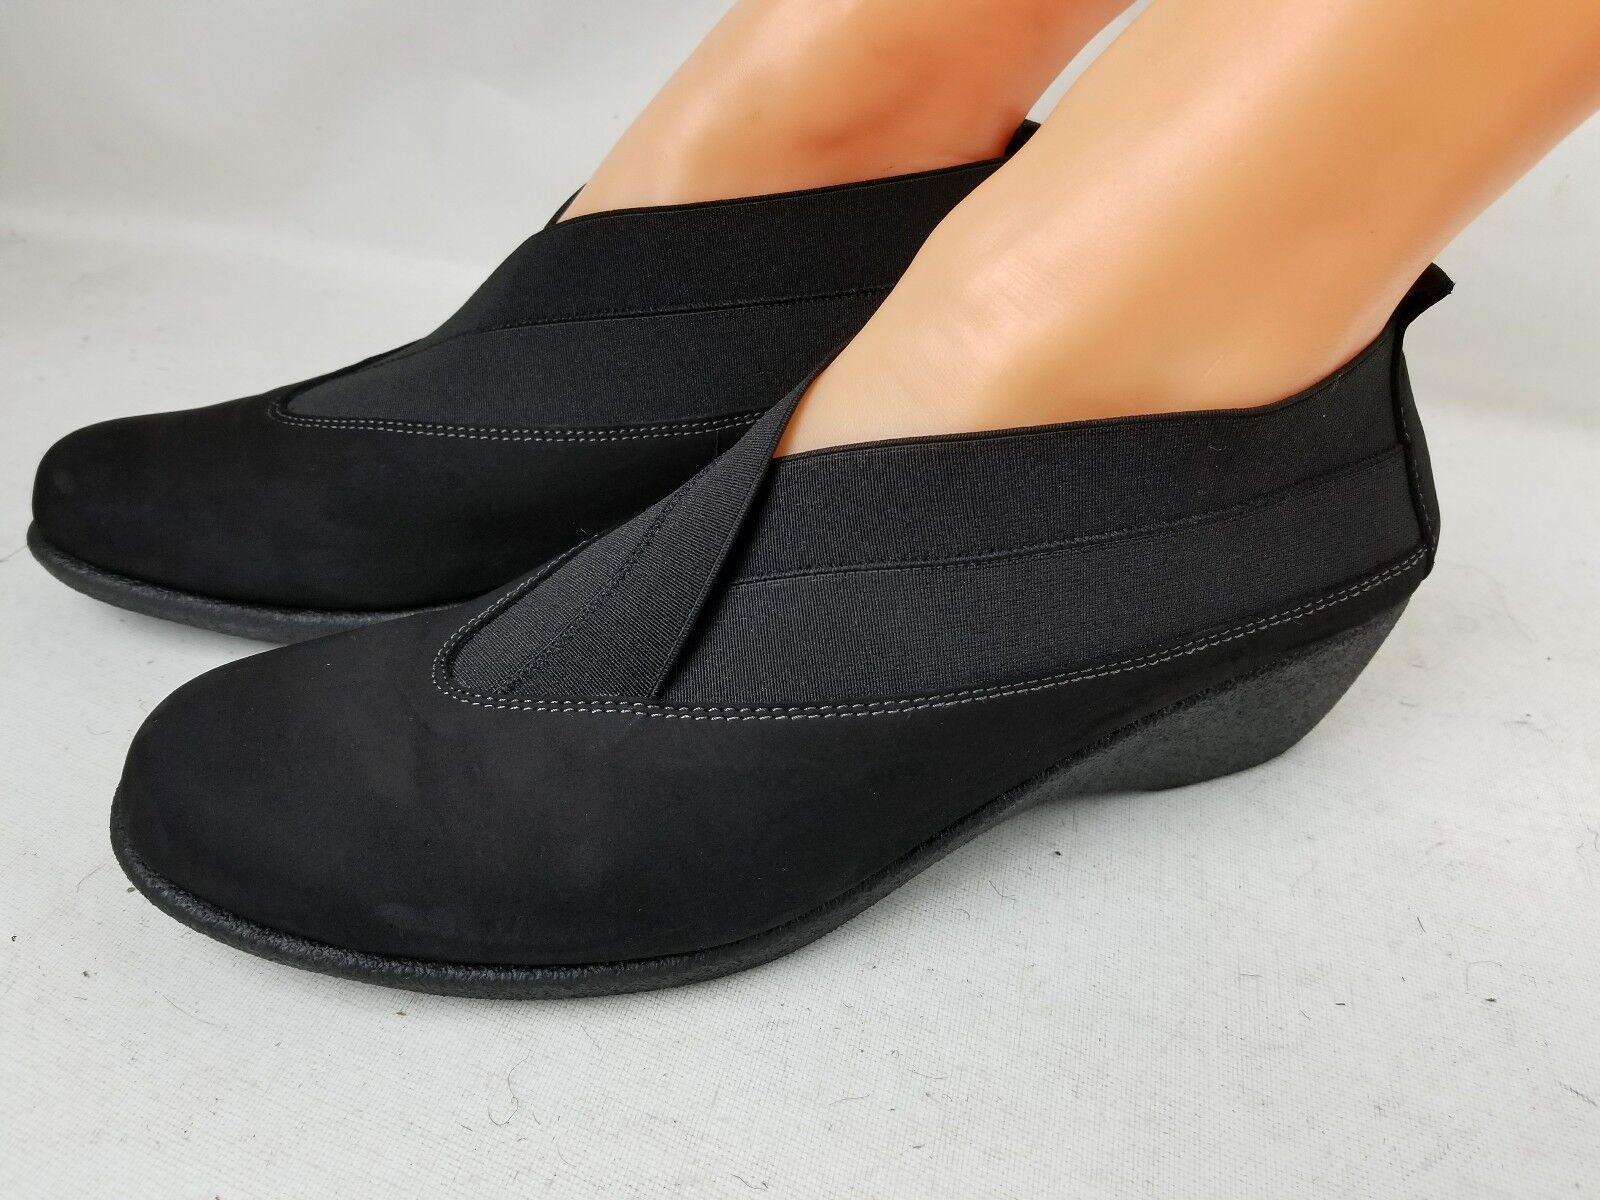 THE FLEXX Damenschuhe STRETCH RUN Schuhe MOCCASIN COMFORT ATHLETIC WORK Schuhe RUN SZ EU 42 US 10 14195c